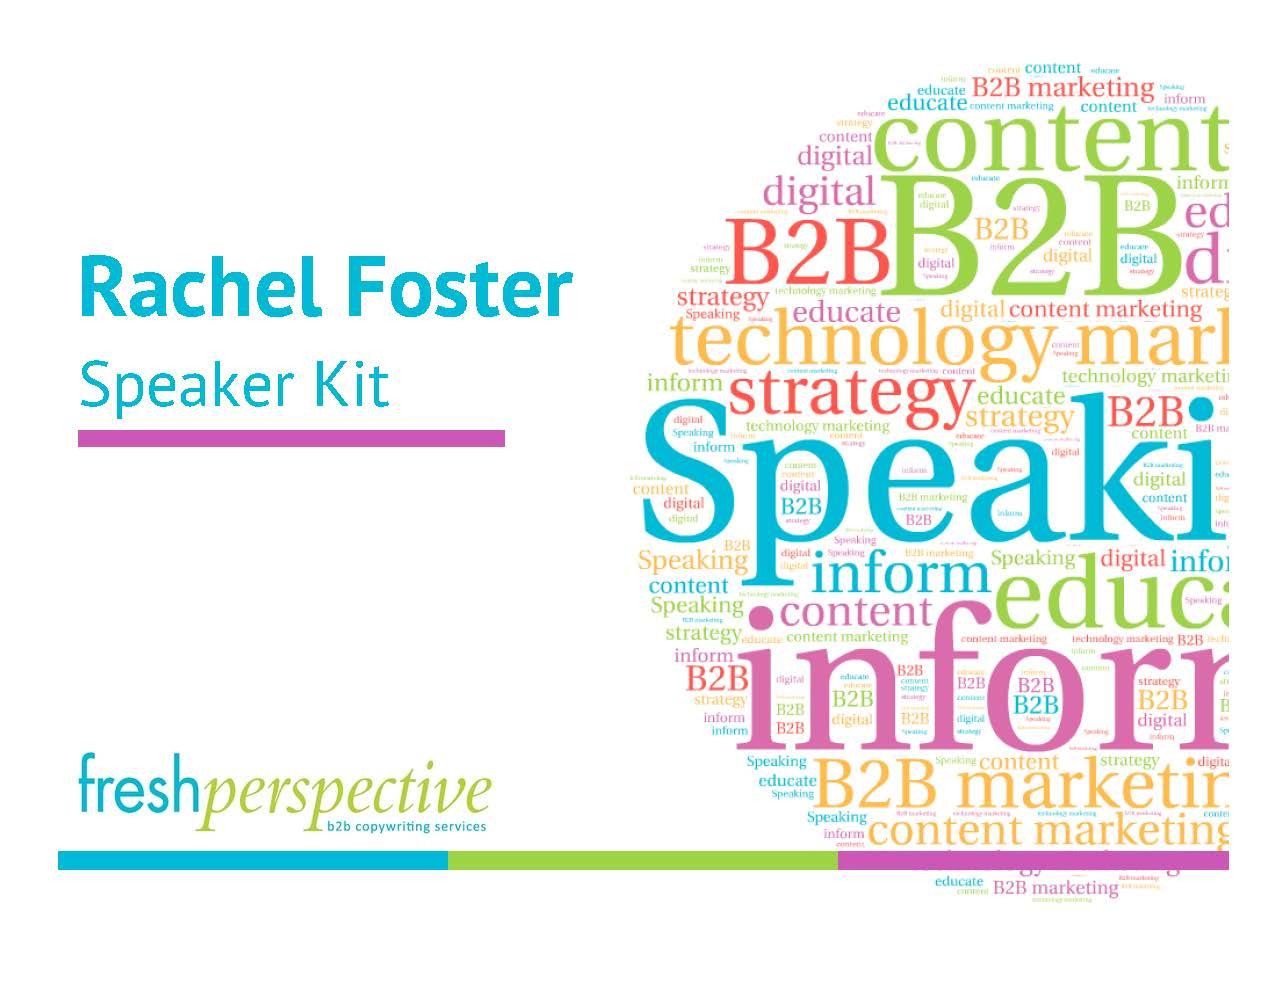 Rachel Foster - Speaker Kit